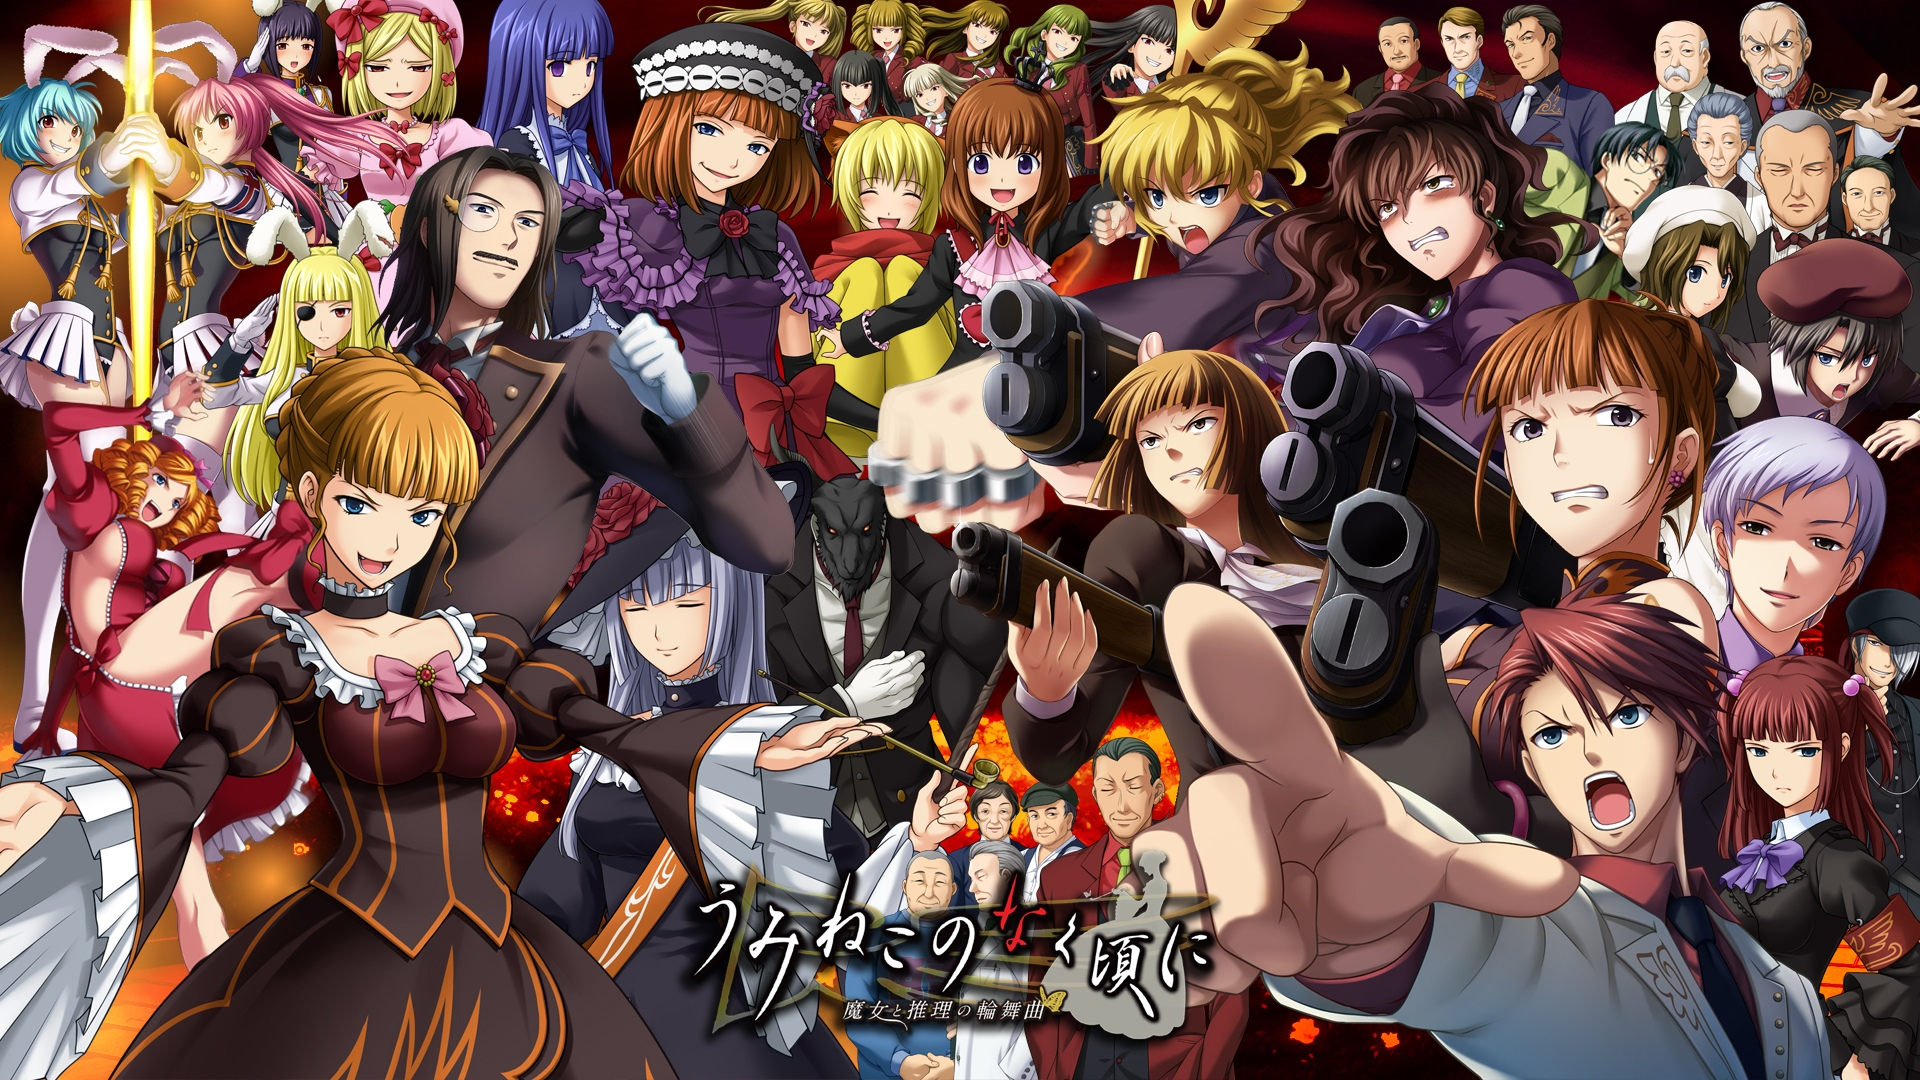 Umineko No Naku Koro Ni Vs Battles Wiki Fandom Powered By Wikia